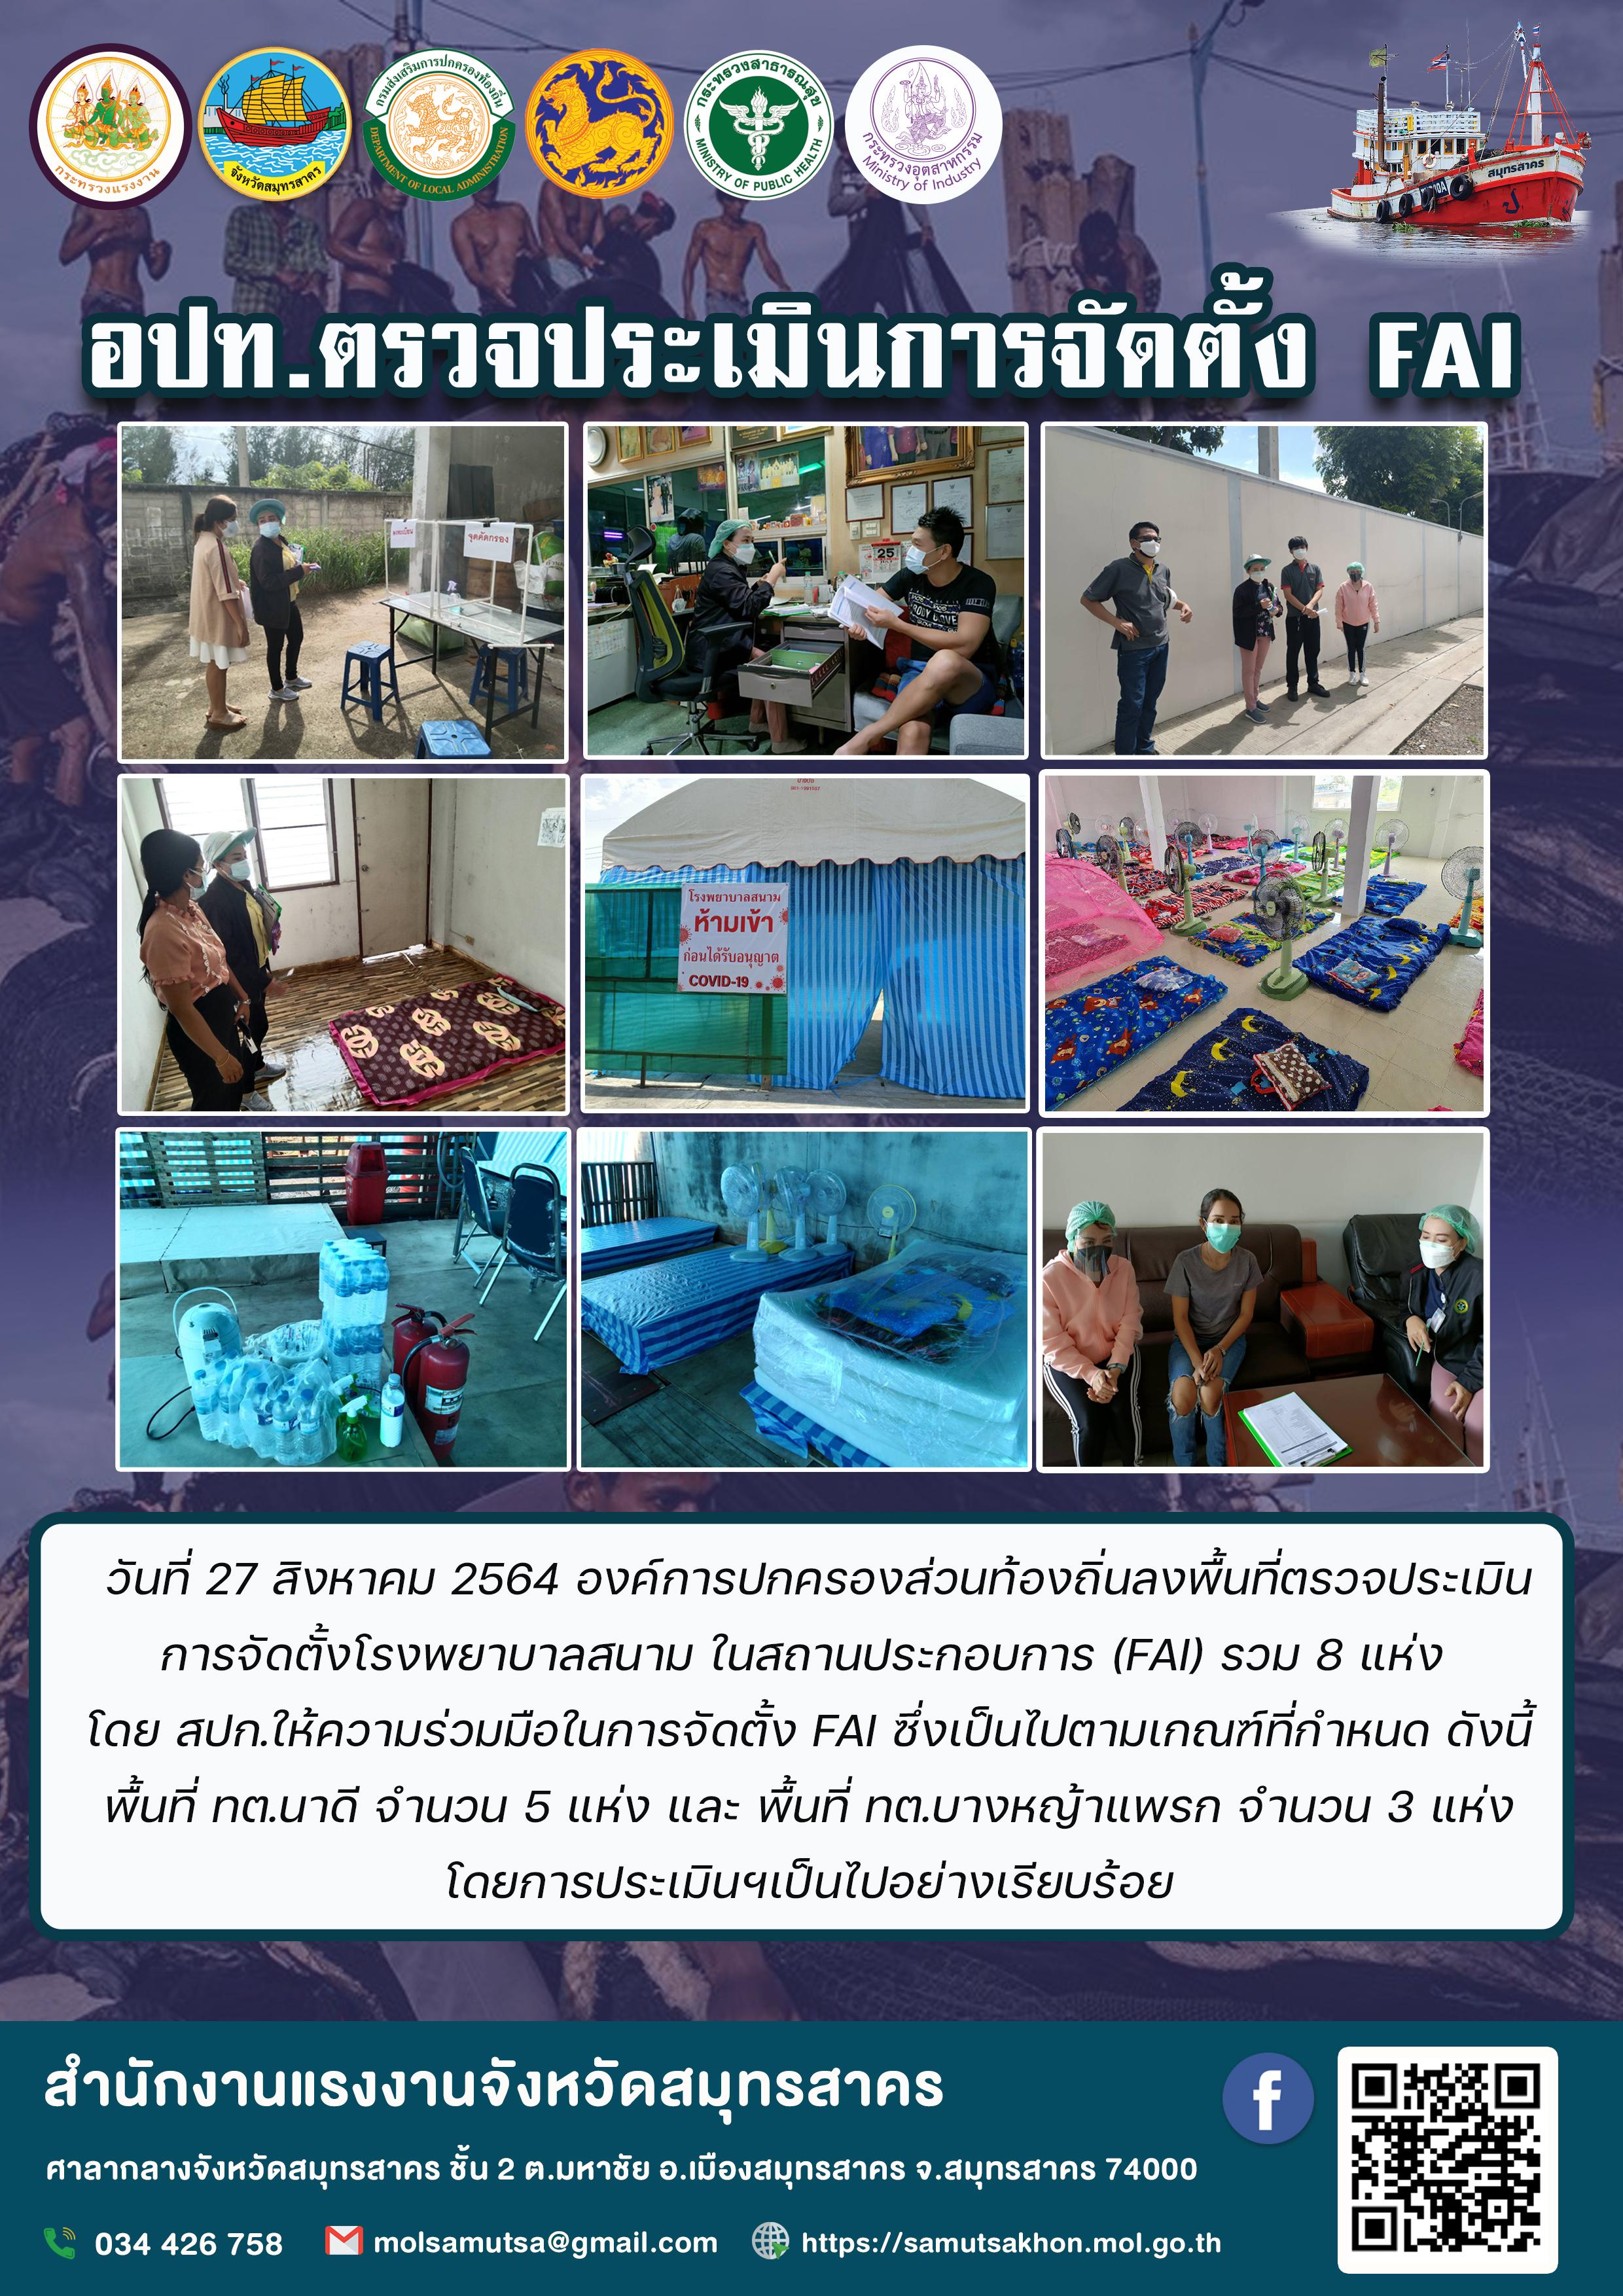 องค์การบริหารส่วนท้องถิ่น ตรวจประเมินการจัดตั้งโรงพยาบาลสนามในสถานประกอบการ (FAI)